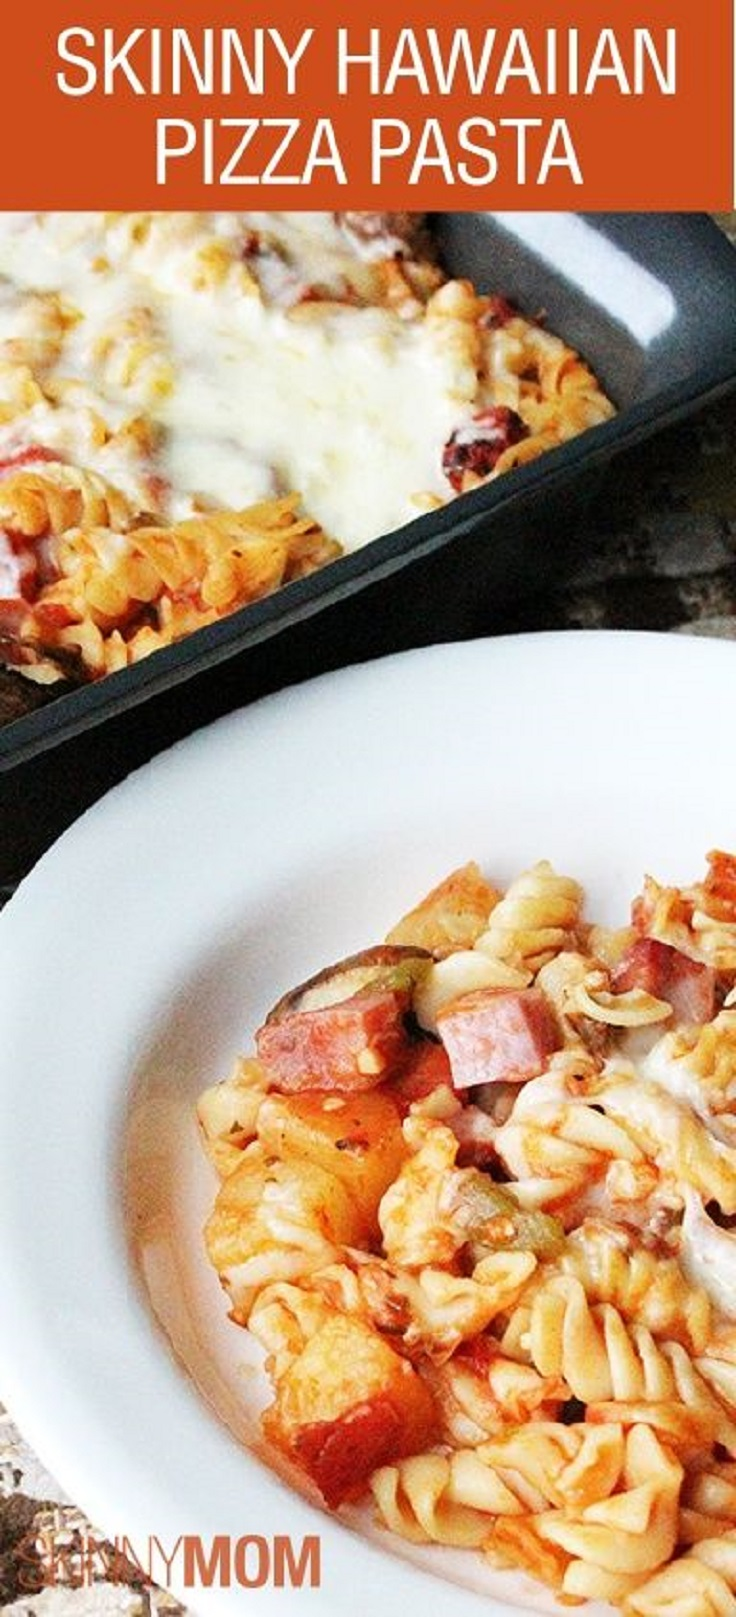 Skinny-Hawaiian-Pizza-Pasta